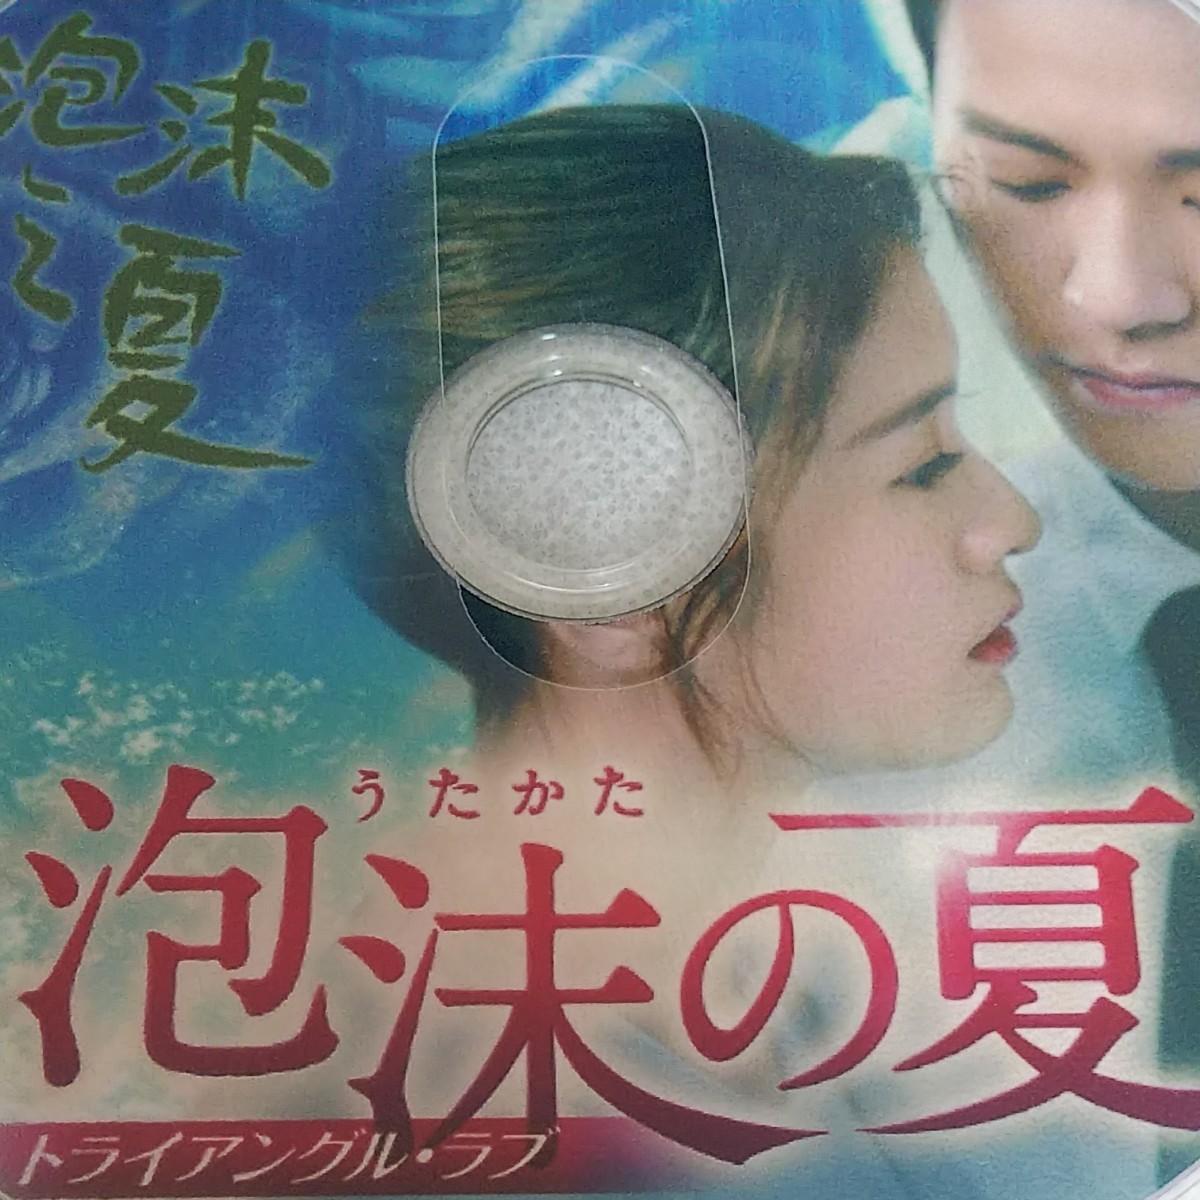 中国ドラマ  泡沫の夏  DVD  全話